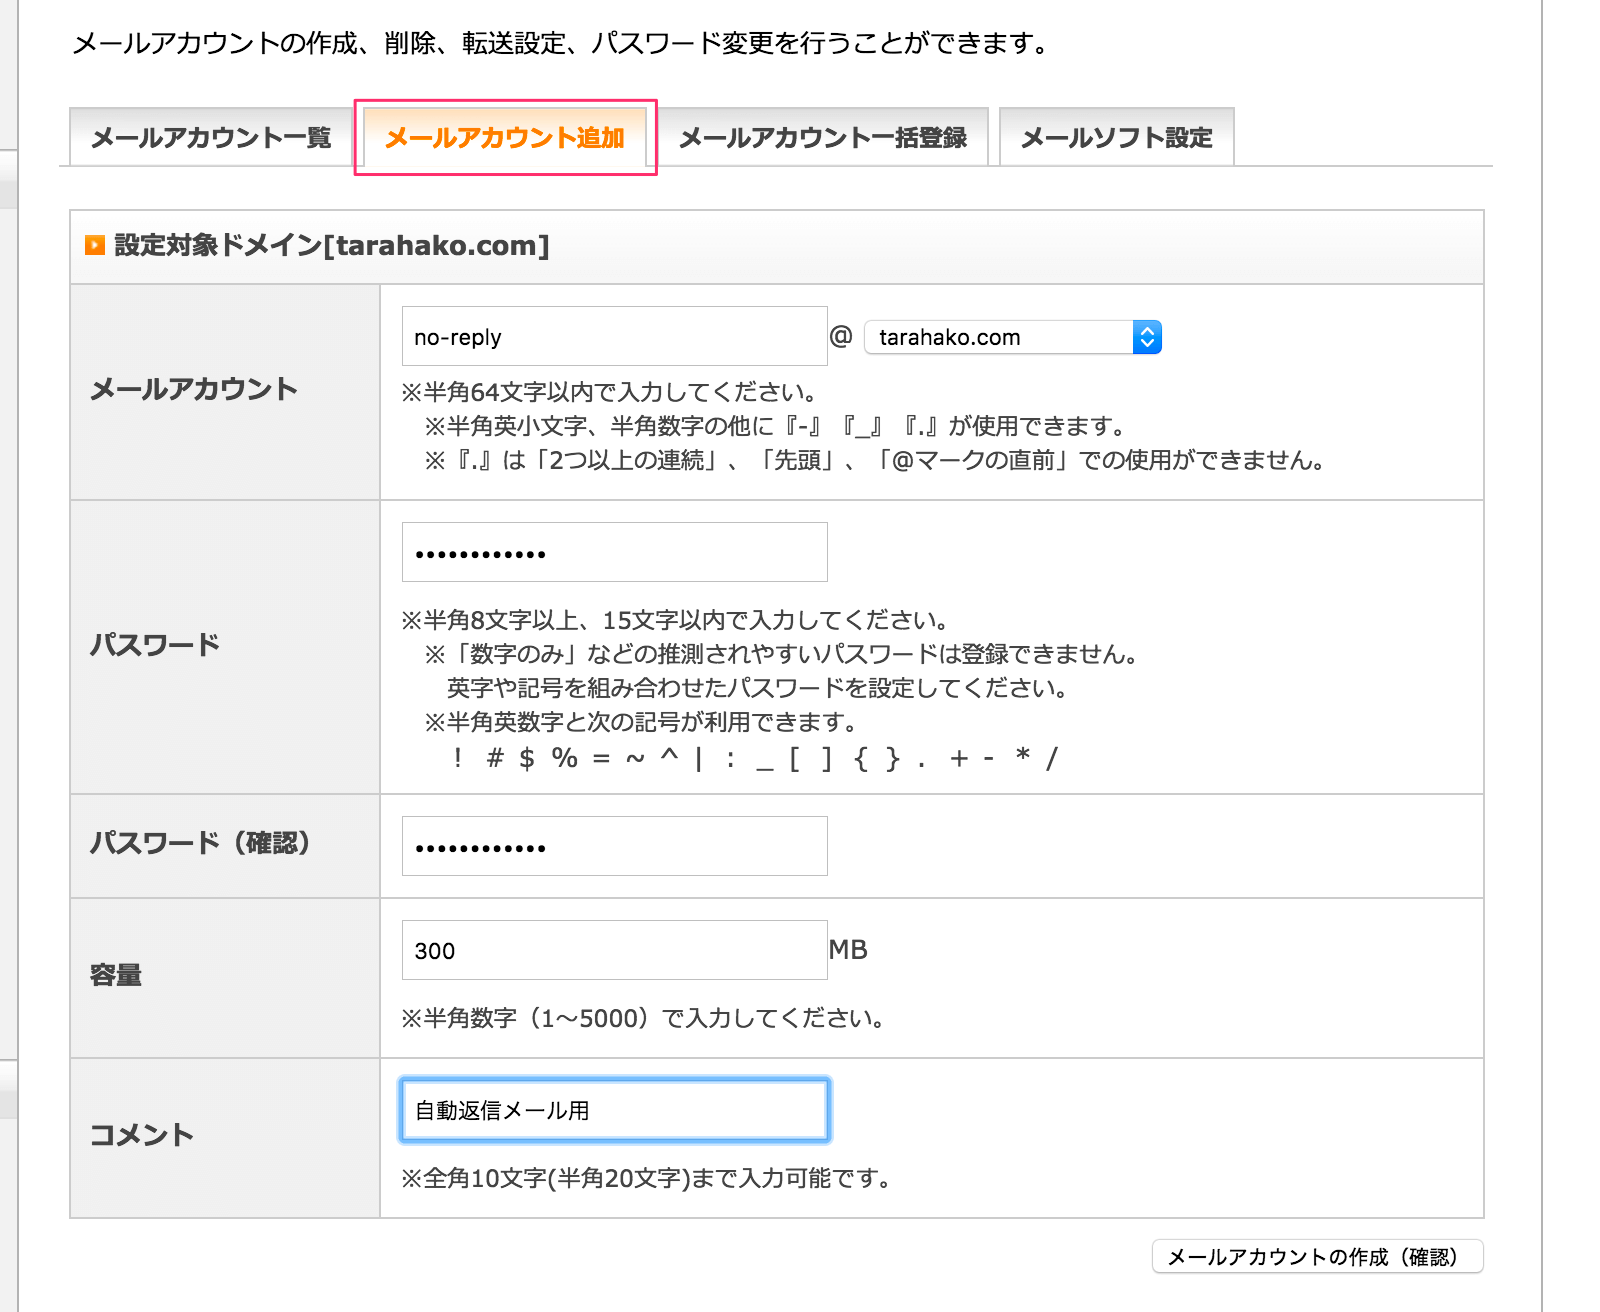 メールアカウントタブから追加するアカウント情報を入力する